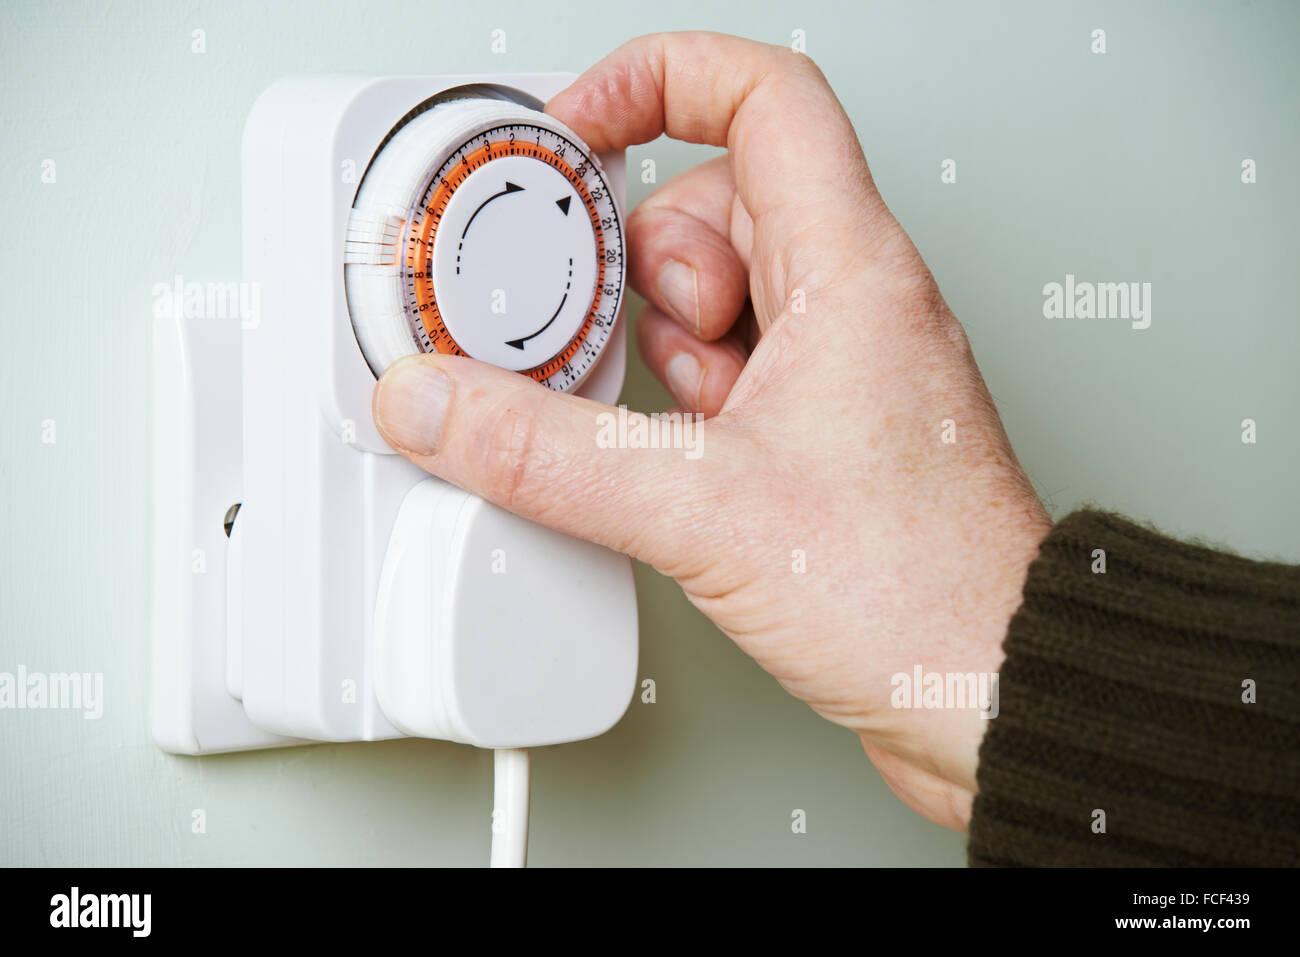 Man Adjusting Timer On Electrical Socket - Stock Image